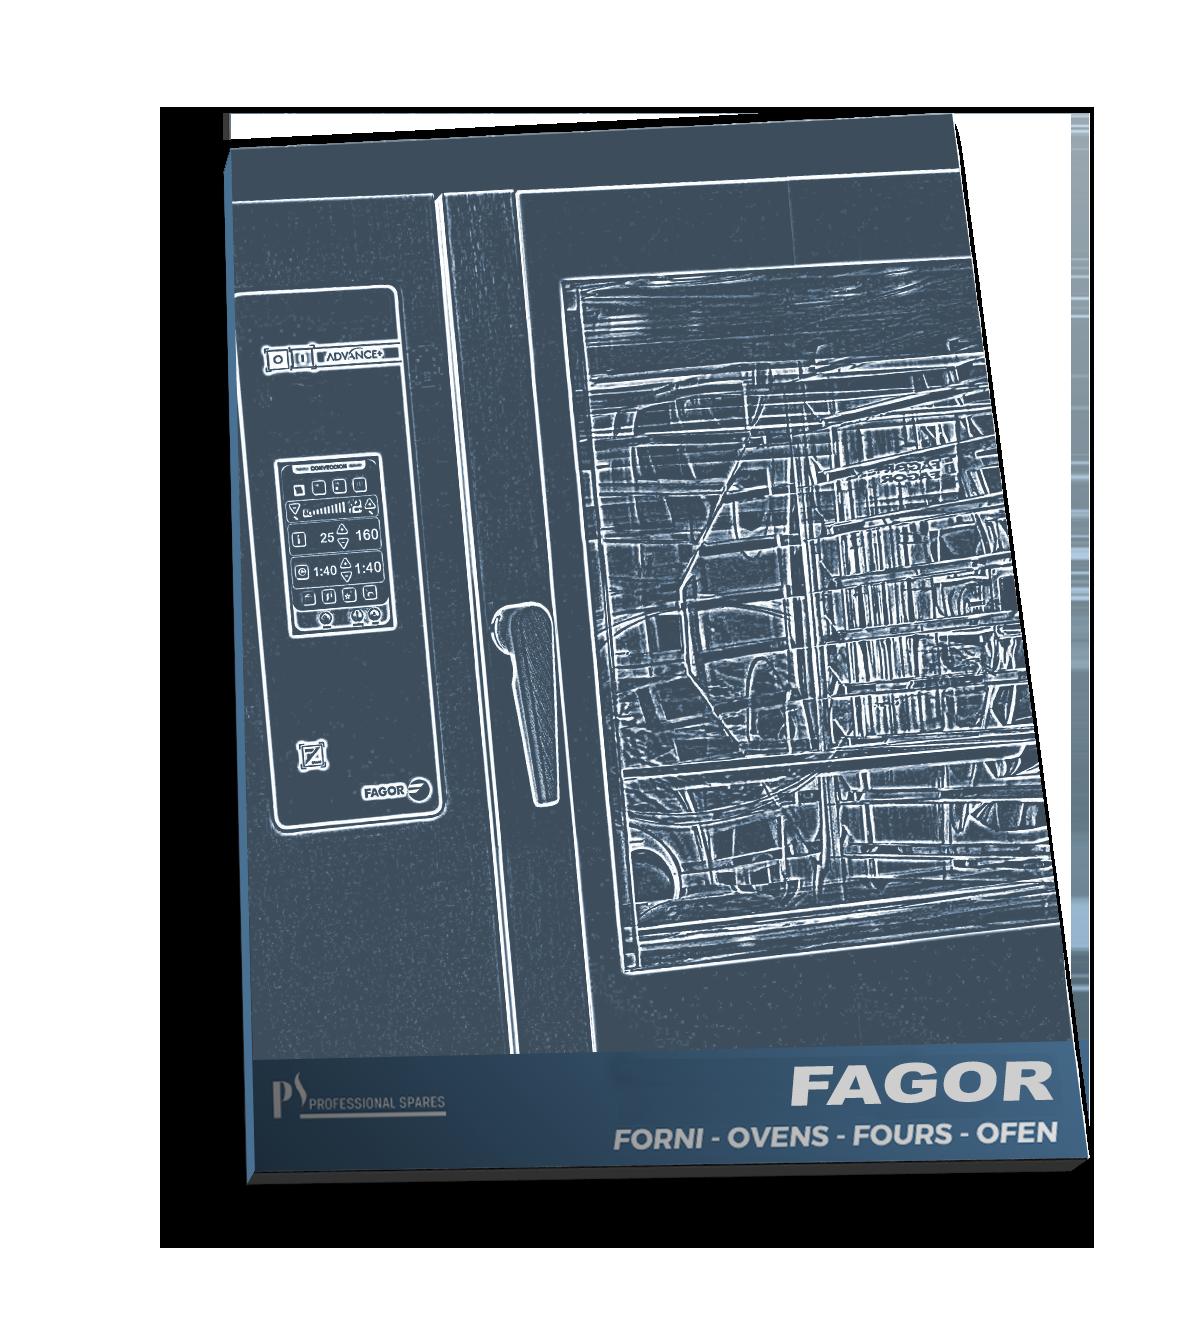 FAGOR-catalogo-forni